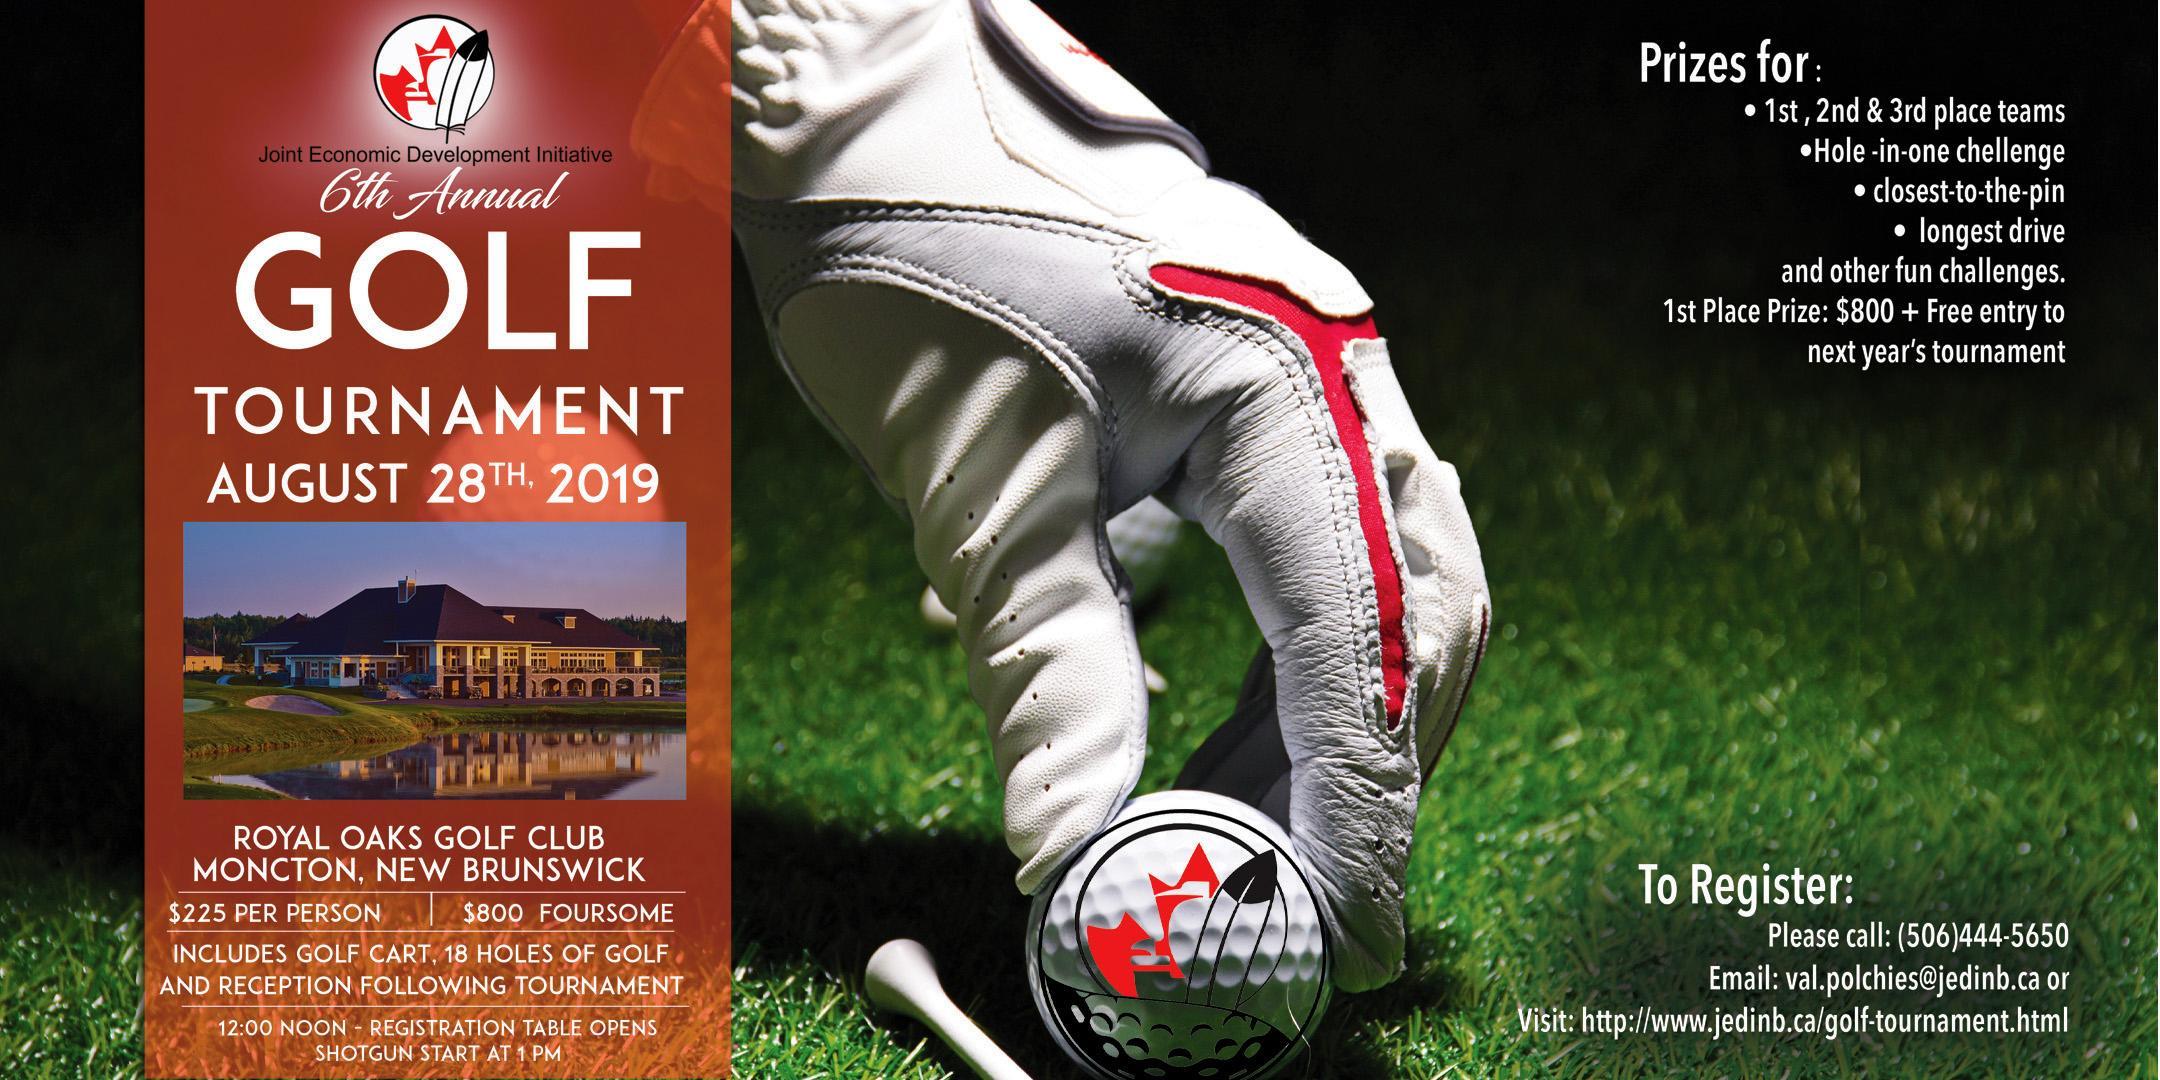 JEDI's 6th Annual Golf Tournament